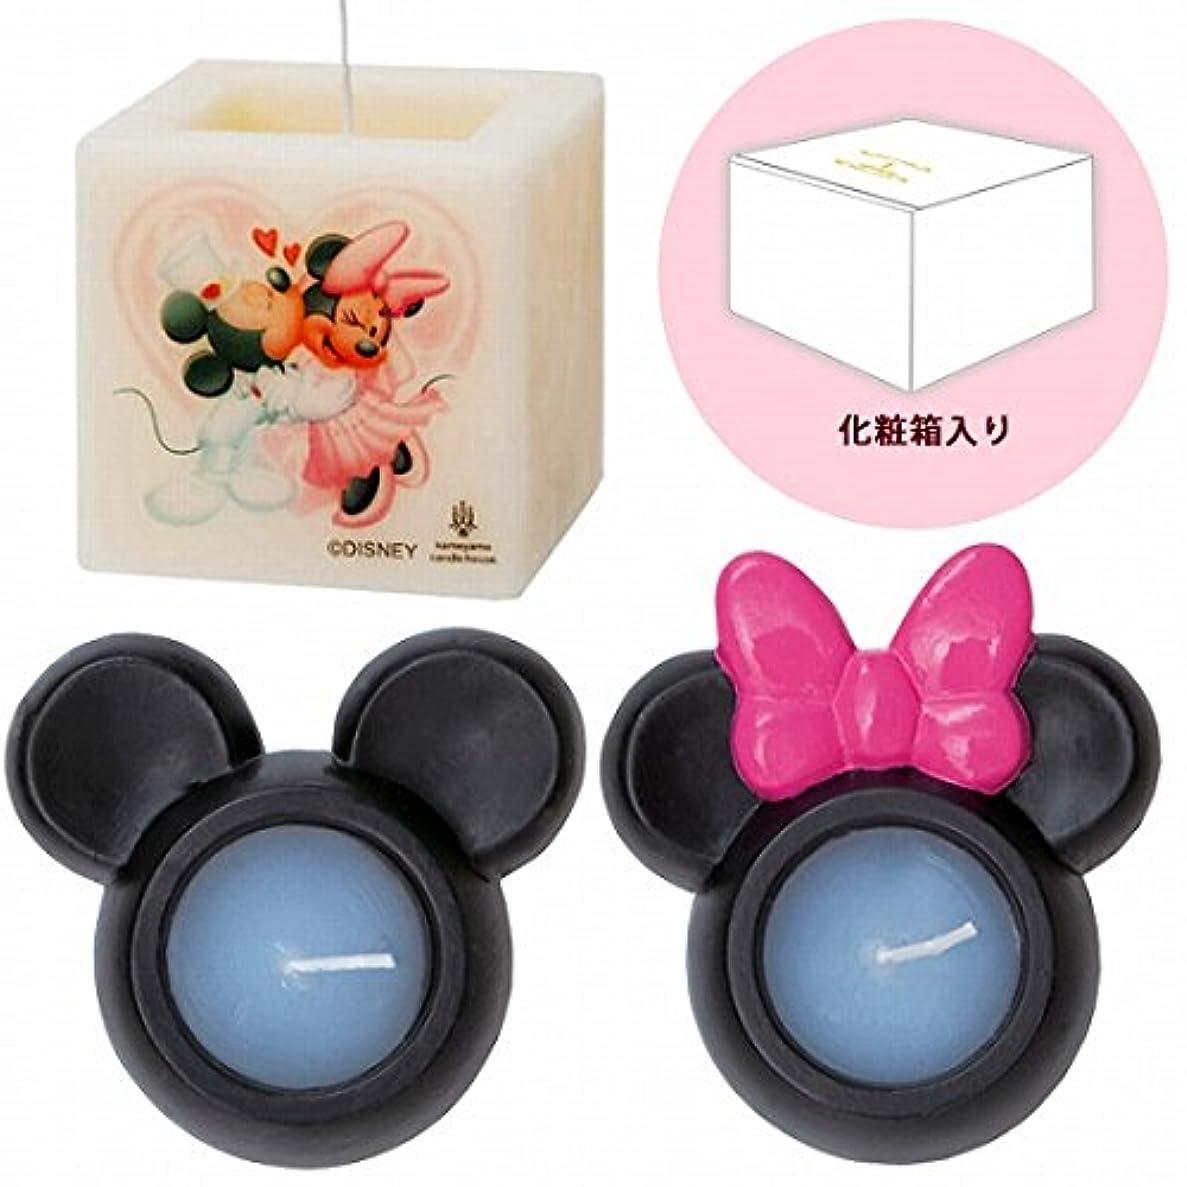 爆発姿を消す城カメヤマキャンドル( kameyama candle ) ミッキー&ミニーキャンドルセットM